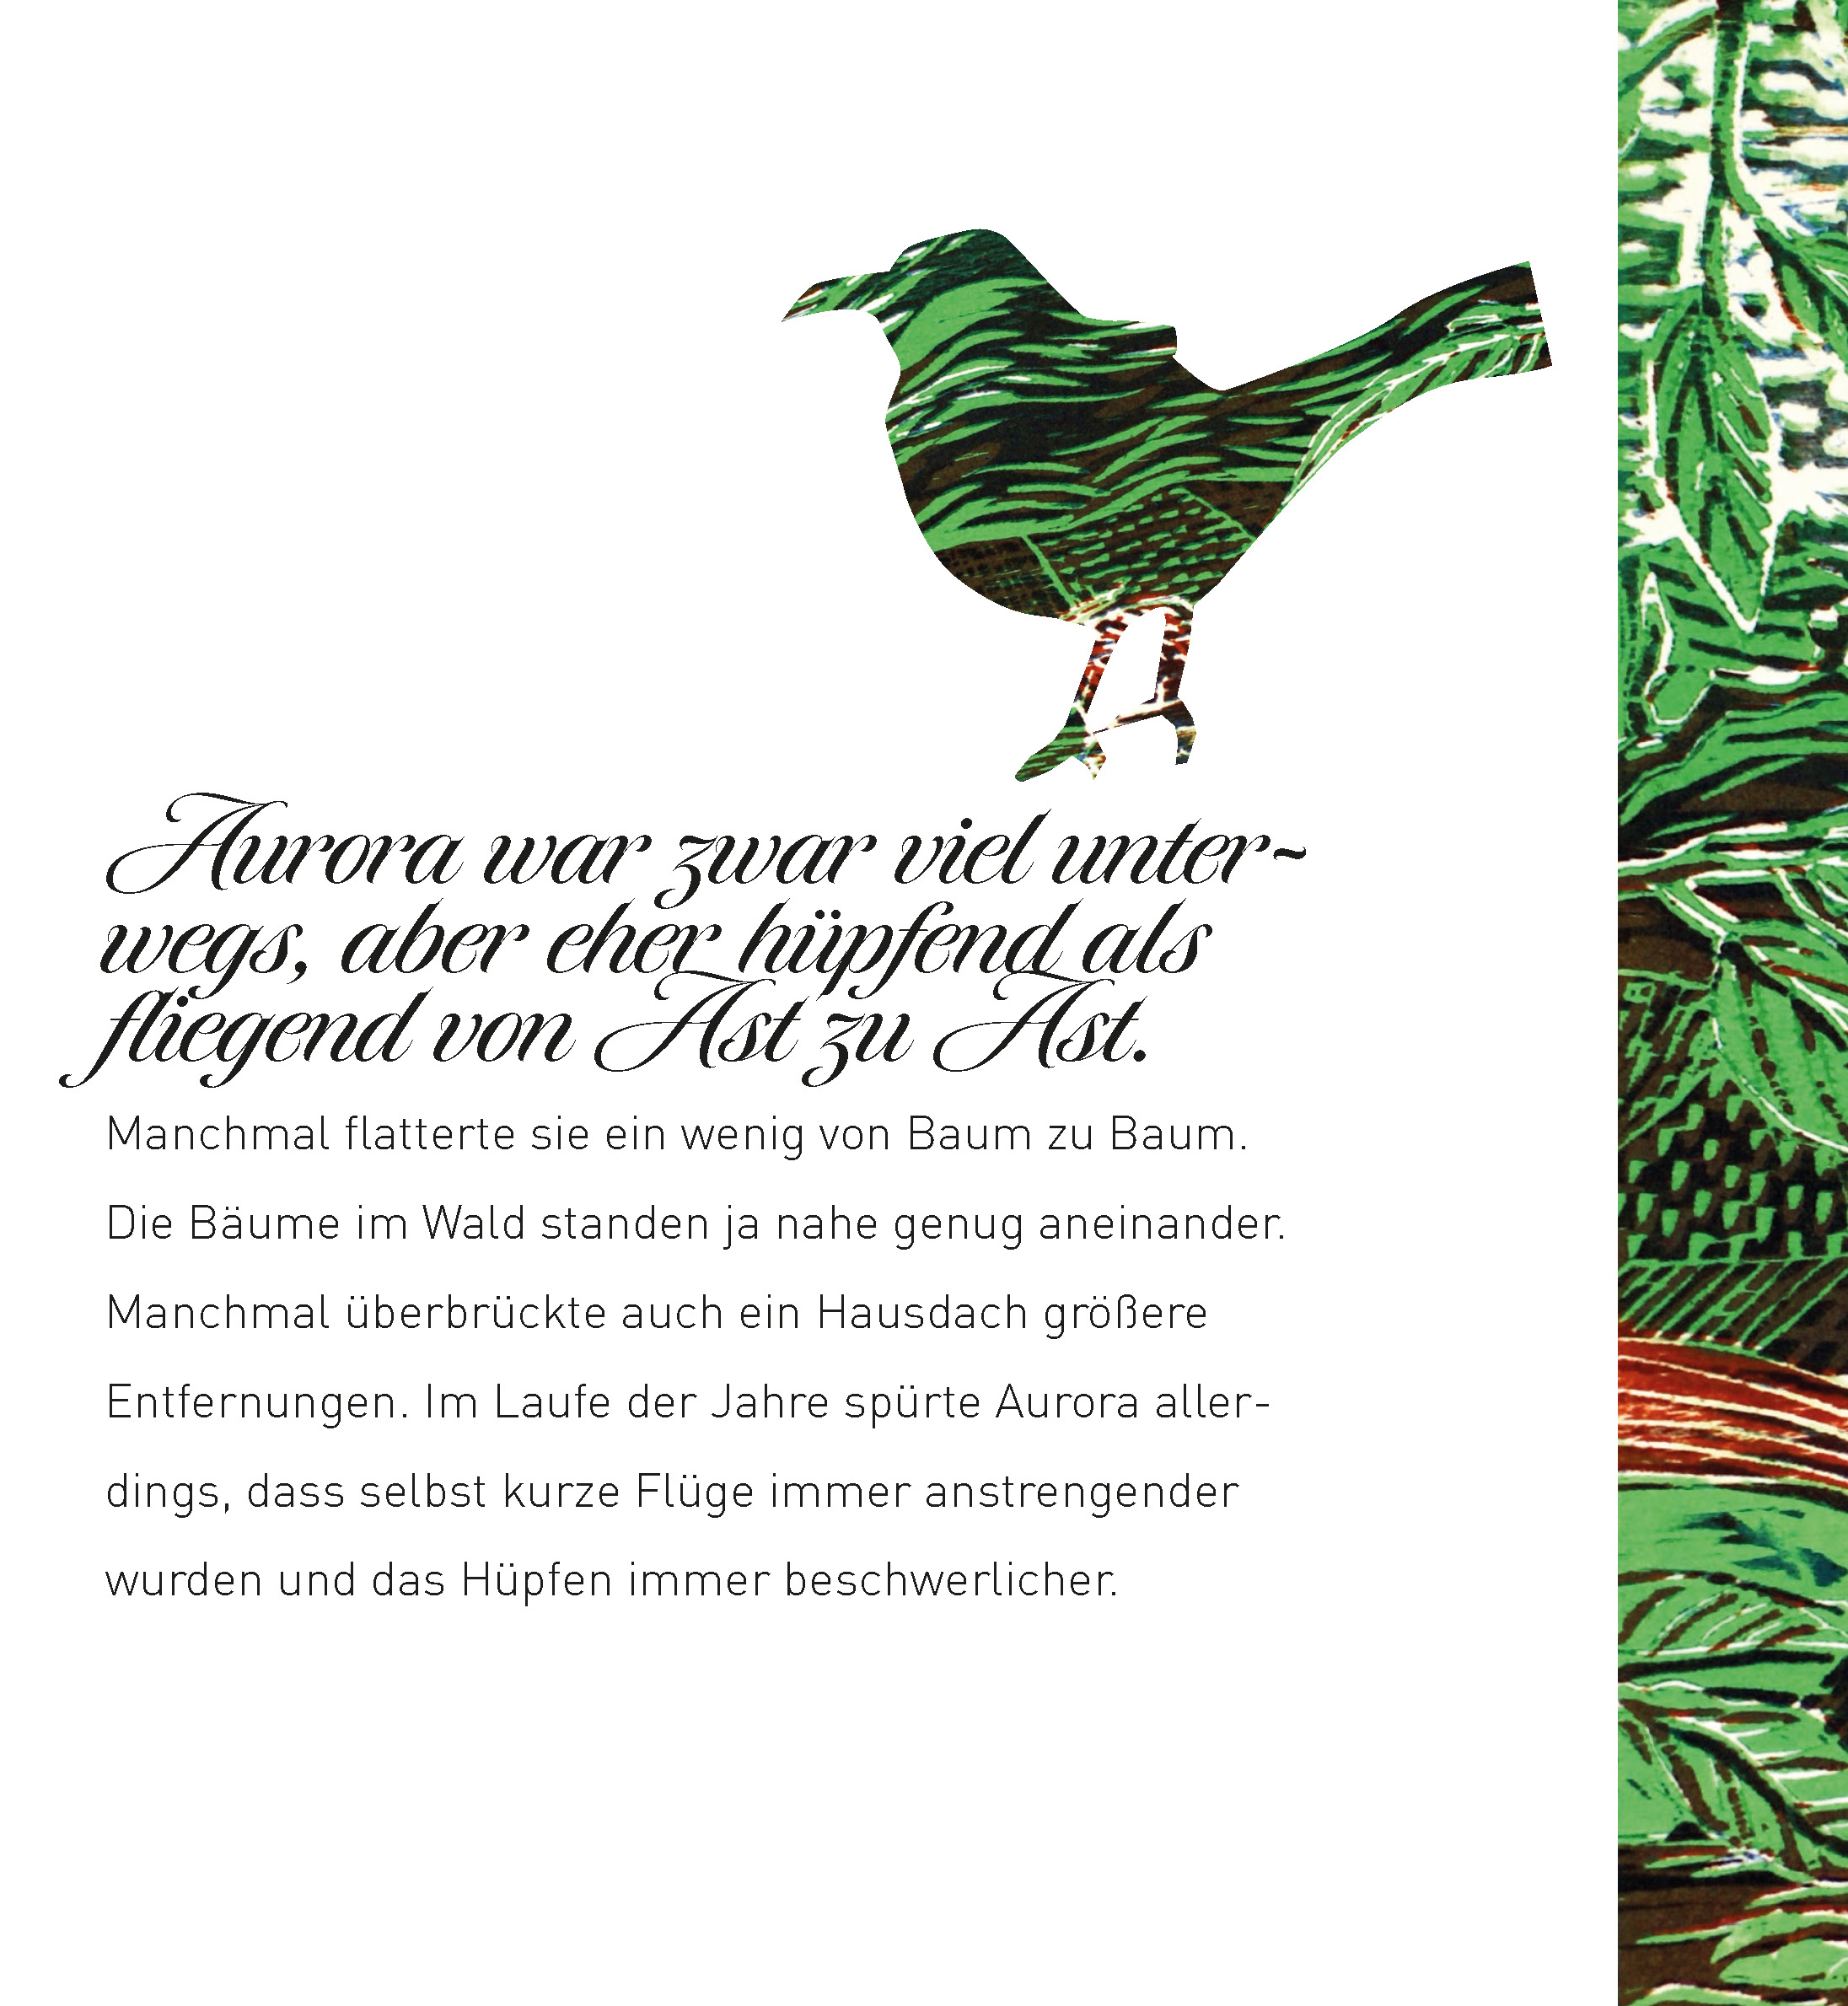 aurora_sabine_buch_2015_ueberarbeitung_kern_36seiten_2015_Seite_16